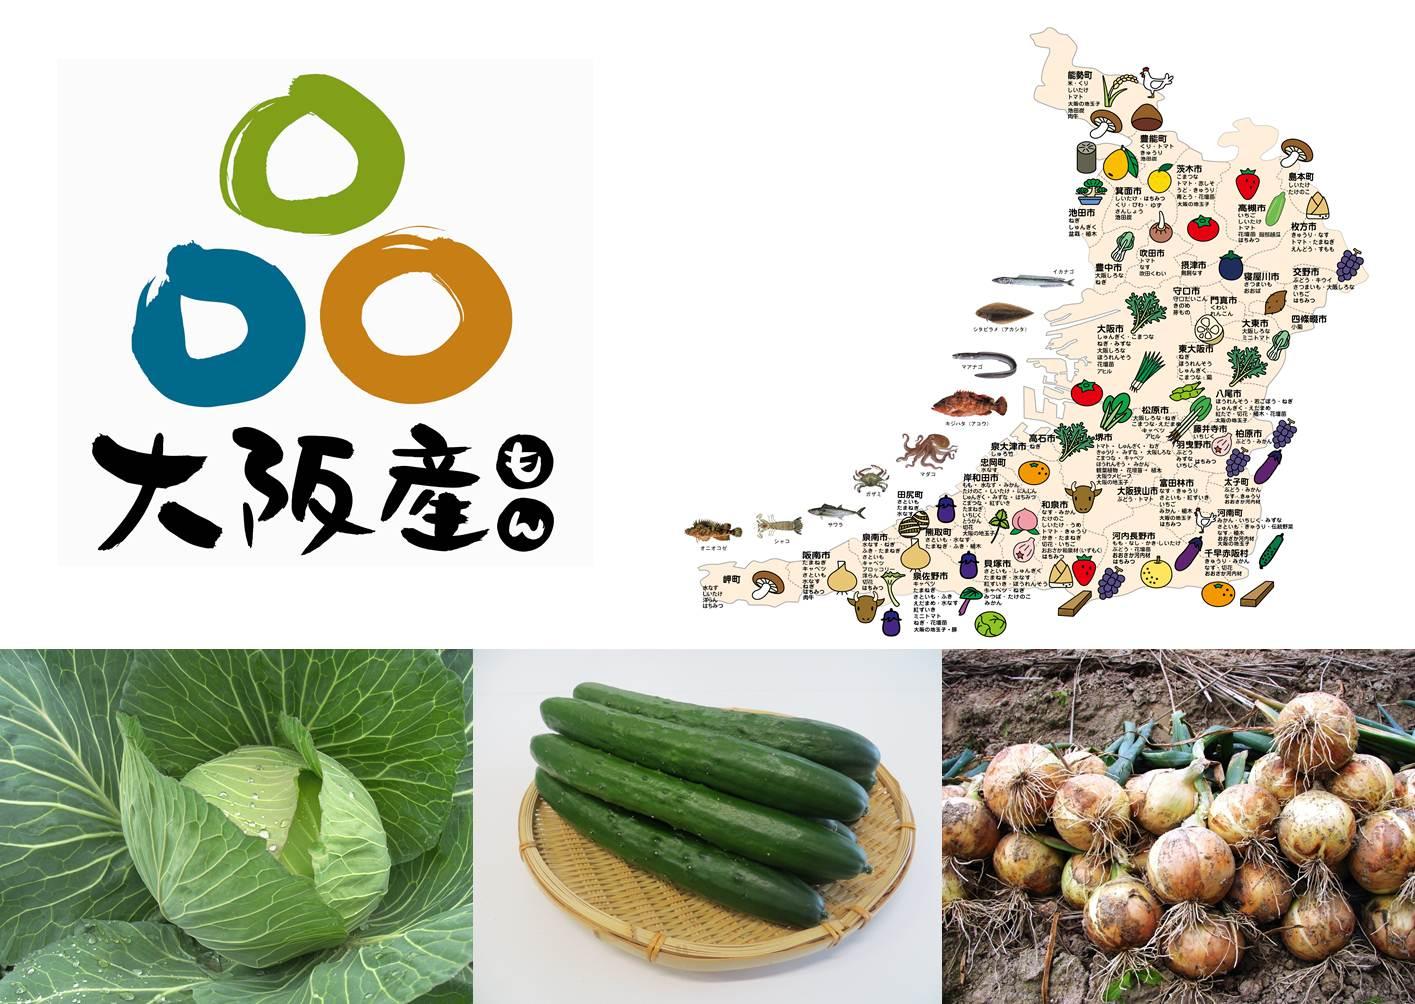 「大阪産(もん)」主な産物とその生産地